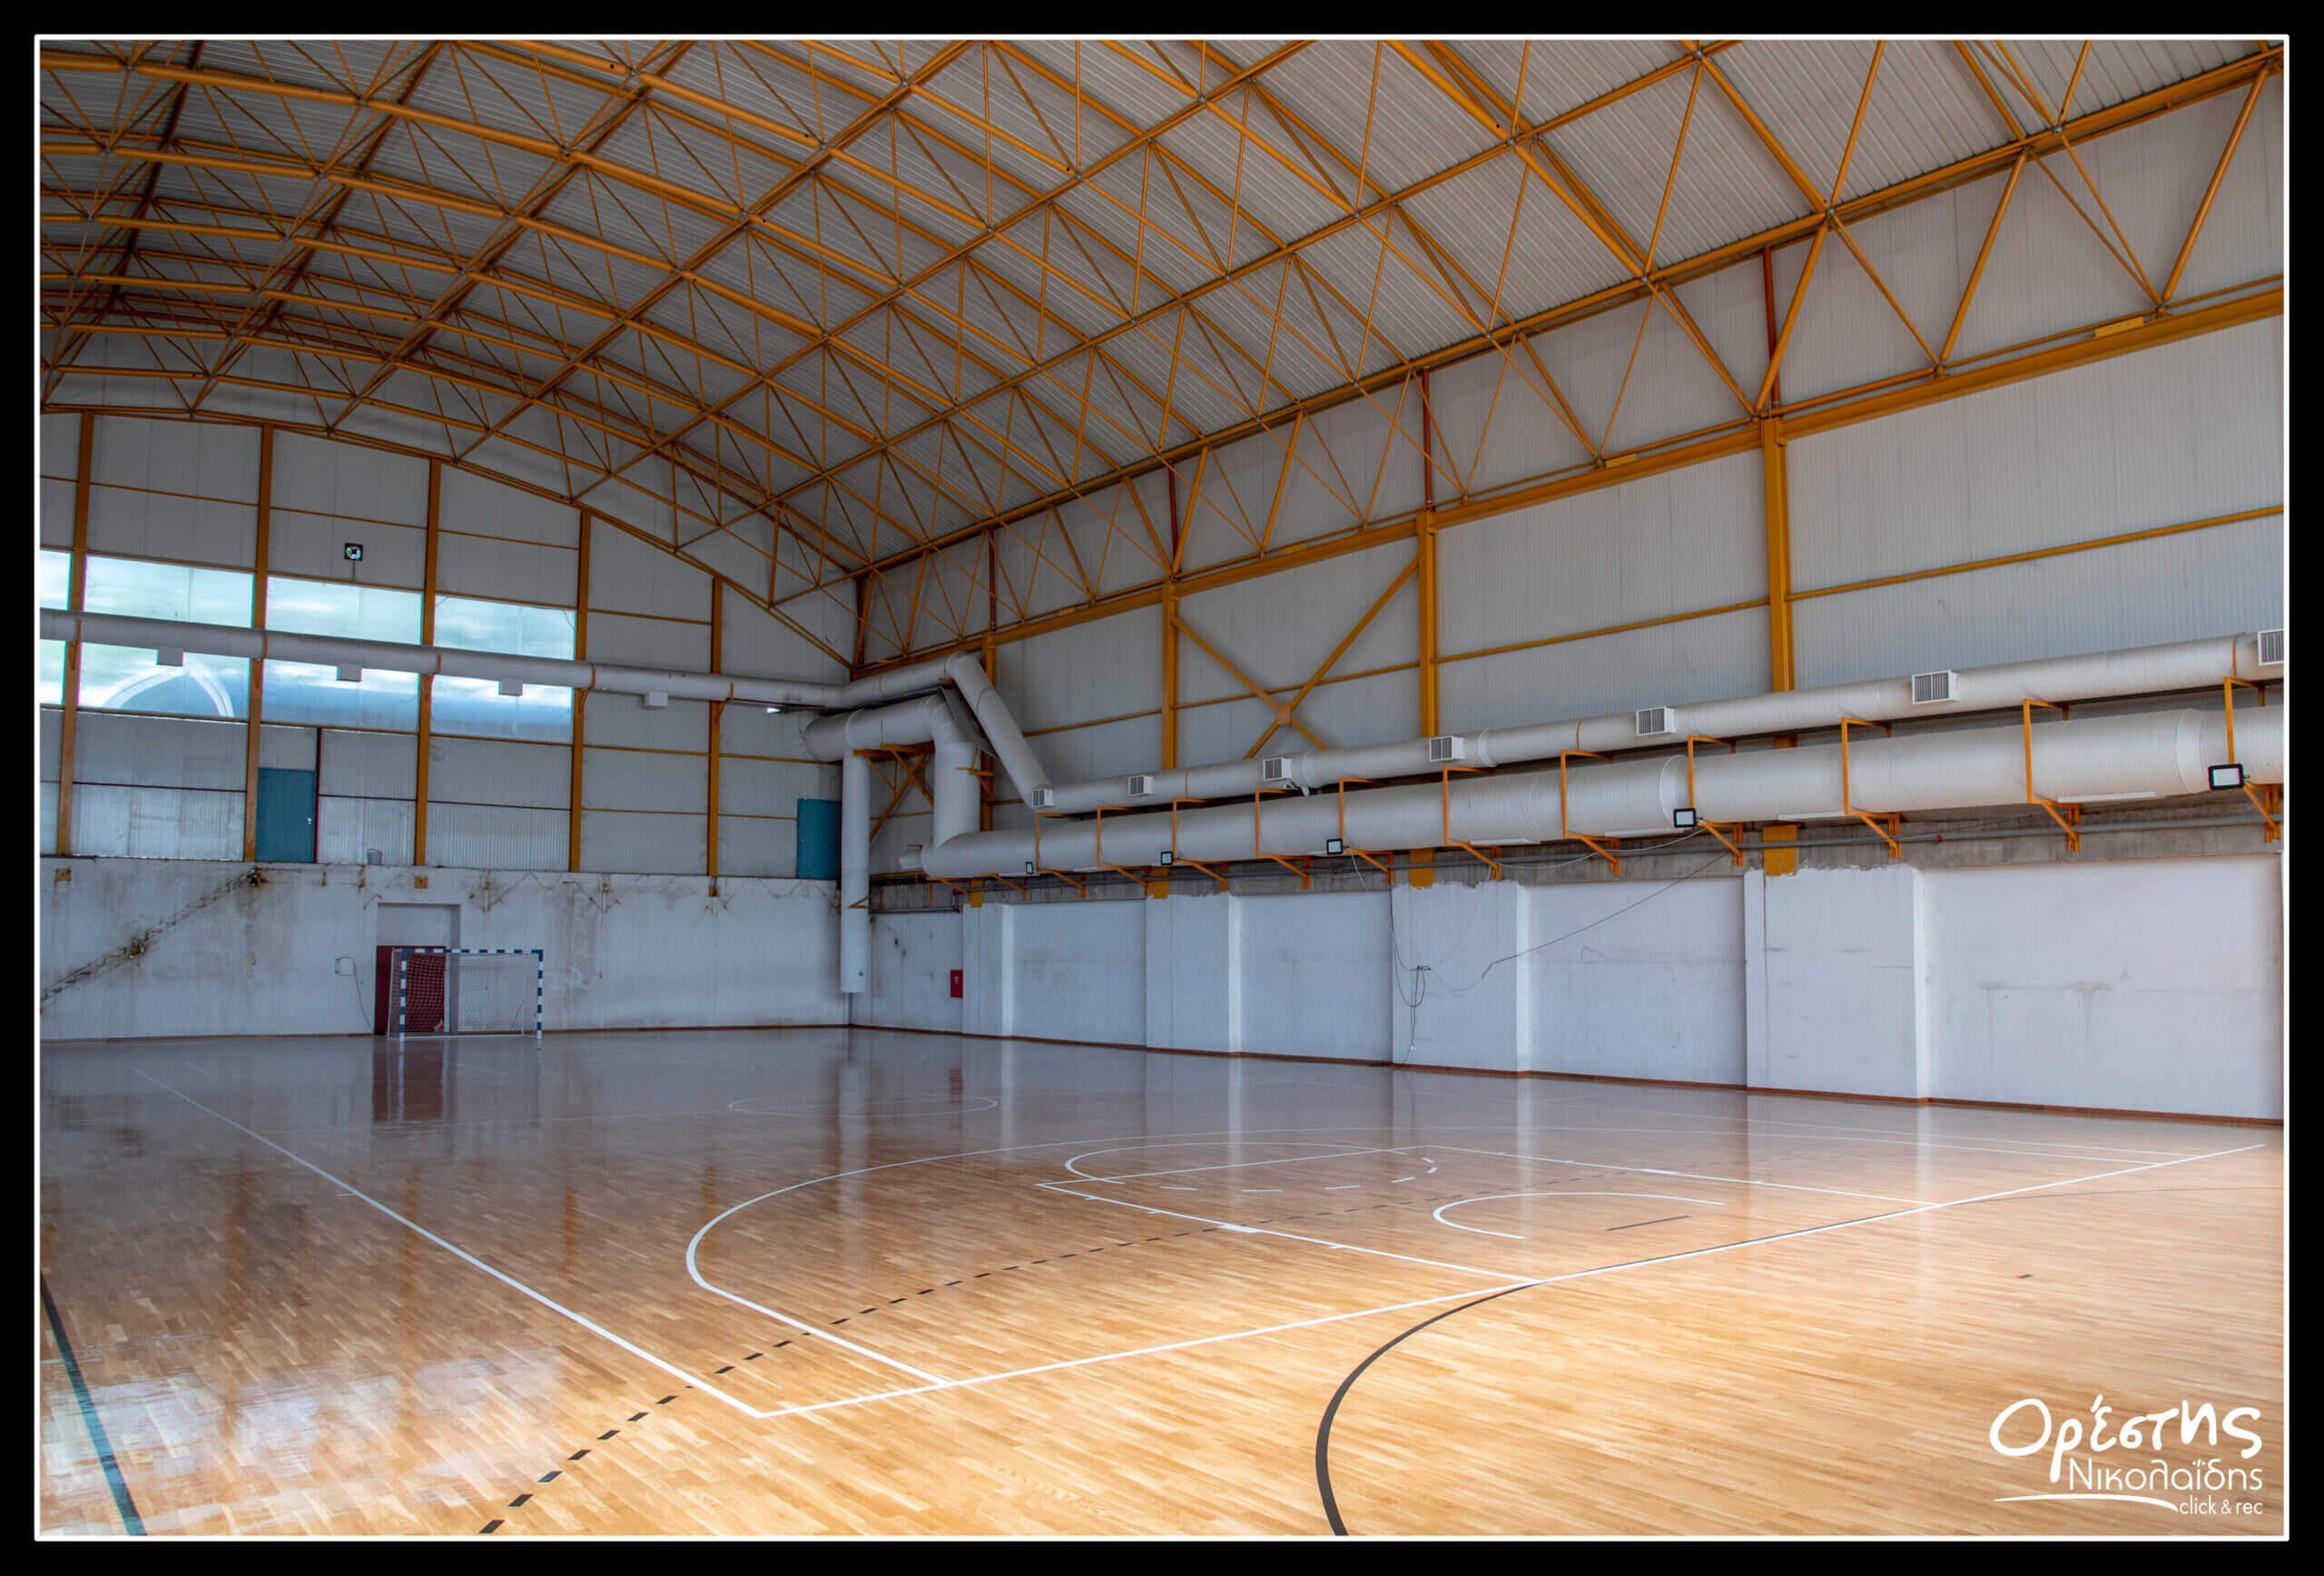 Νίκαια : Ολοκληρώθηκε το κλειστό γήπεδο «Μάνος Λοϊζος»